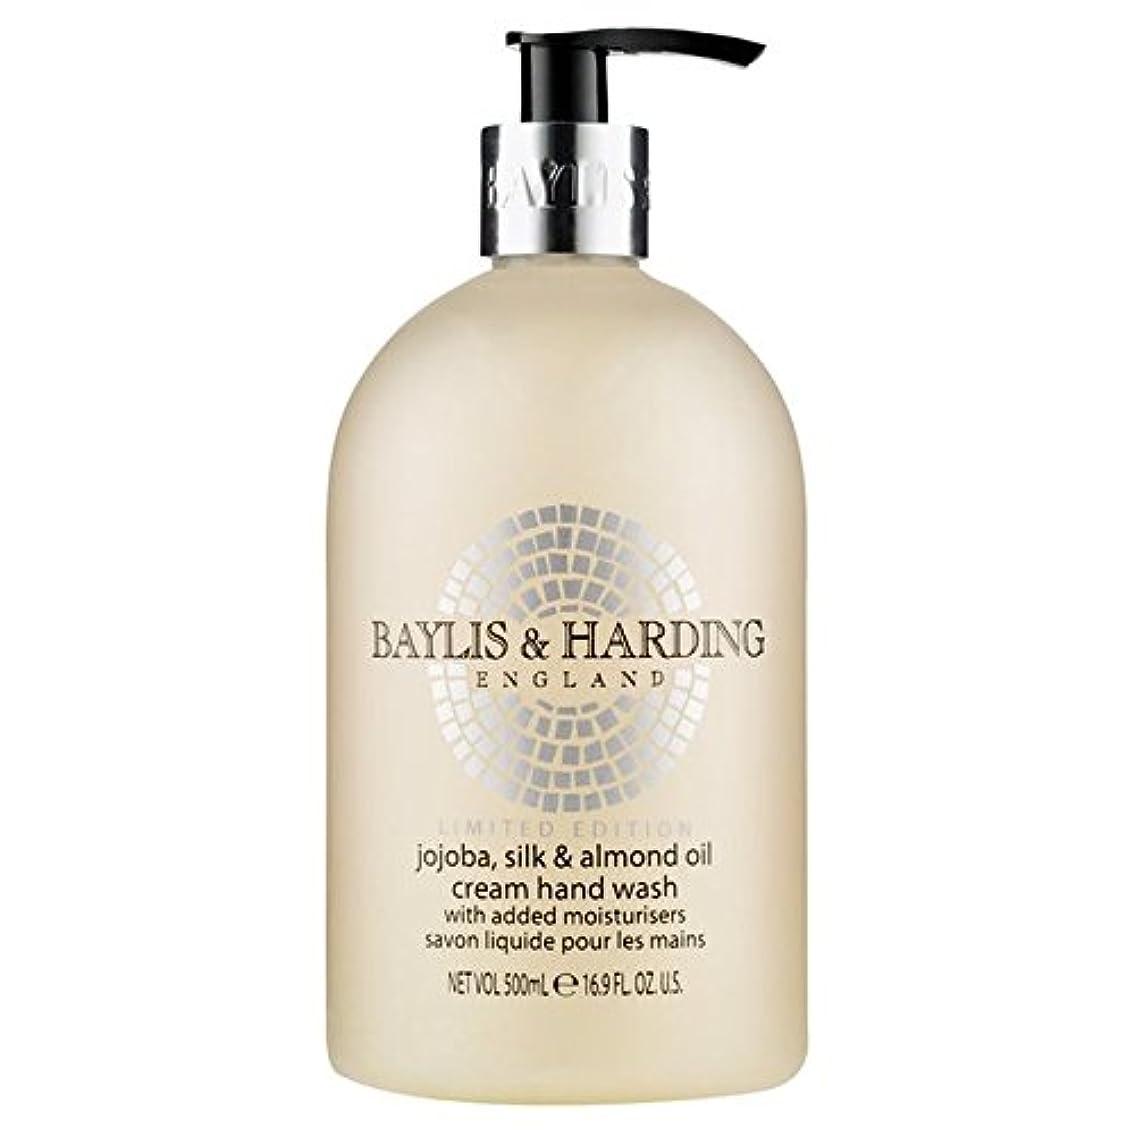 オペラサイトライン創始者ベイリス&ハーディングホホバ、シルク&アーモンドオイルハンドウォッシュ500ミリリットル x2 - Baylis & Harding Jojoba, Silk & Almond Oil Hand Wash 500ml (Pack of 2) [並行輸入品]